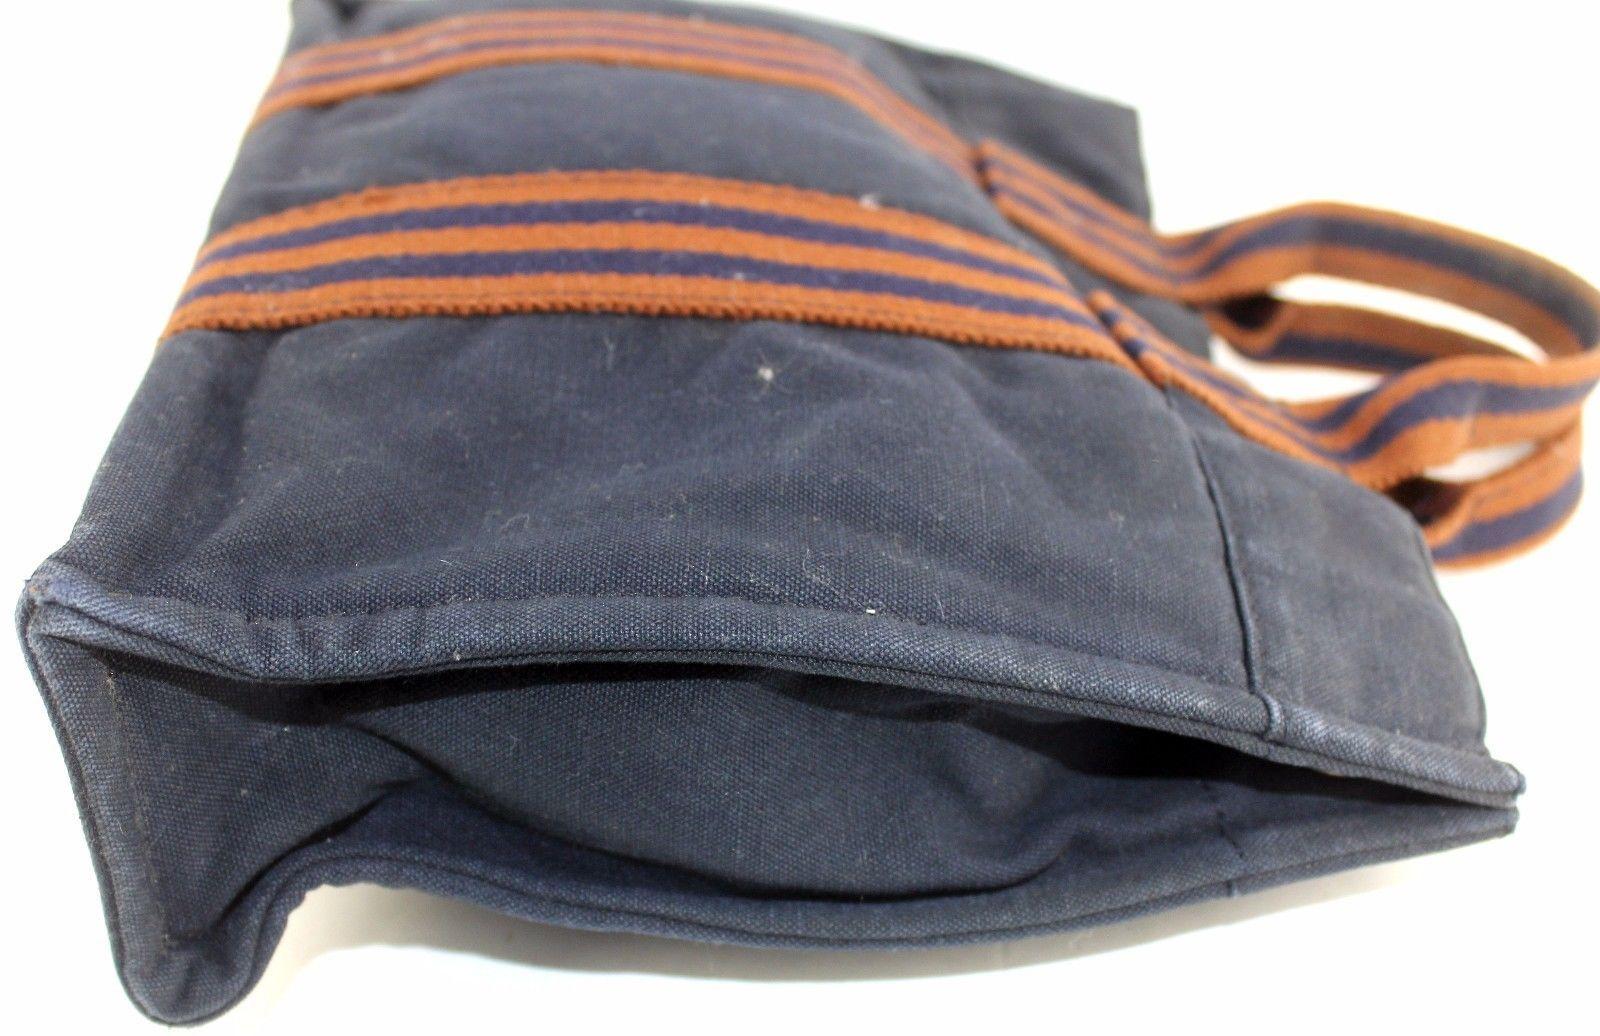 4545c09b6 100%Auth HERMES Paris Fourre Tout MM Navy Canvas 100%Cotton Tote Small  Handbag